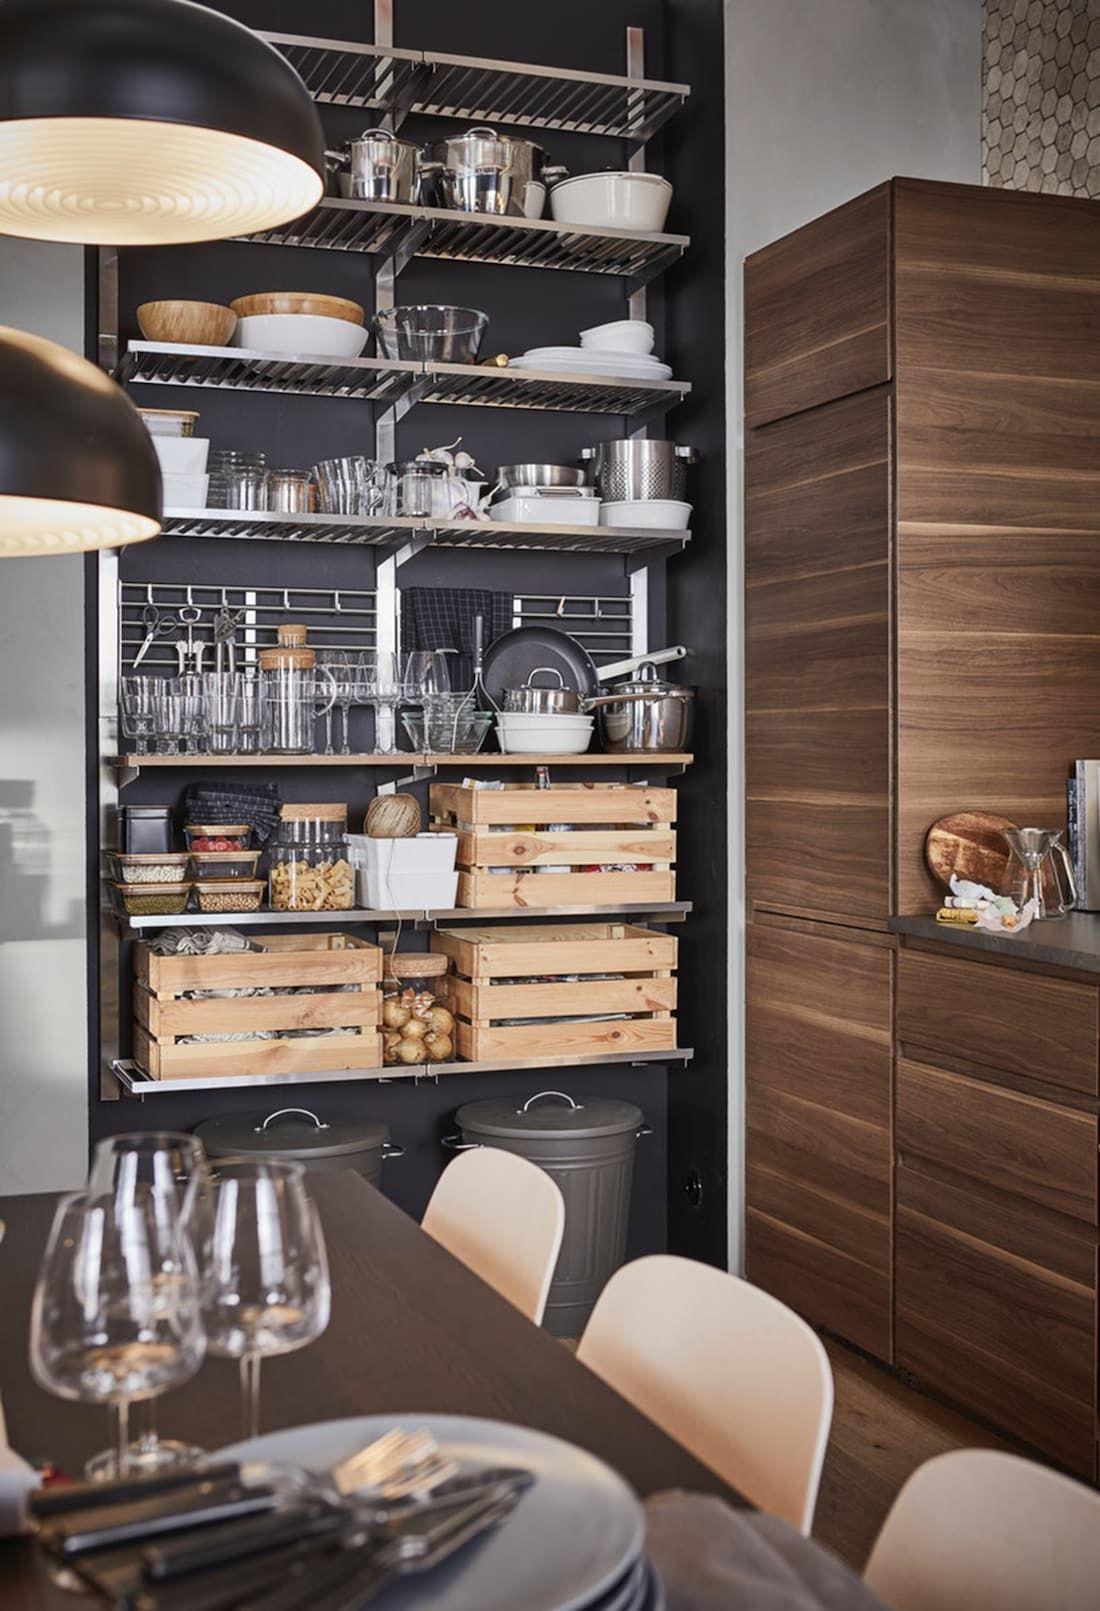 Deco Cuisine Notre Galerie De Photos Cuisine Avec Images